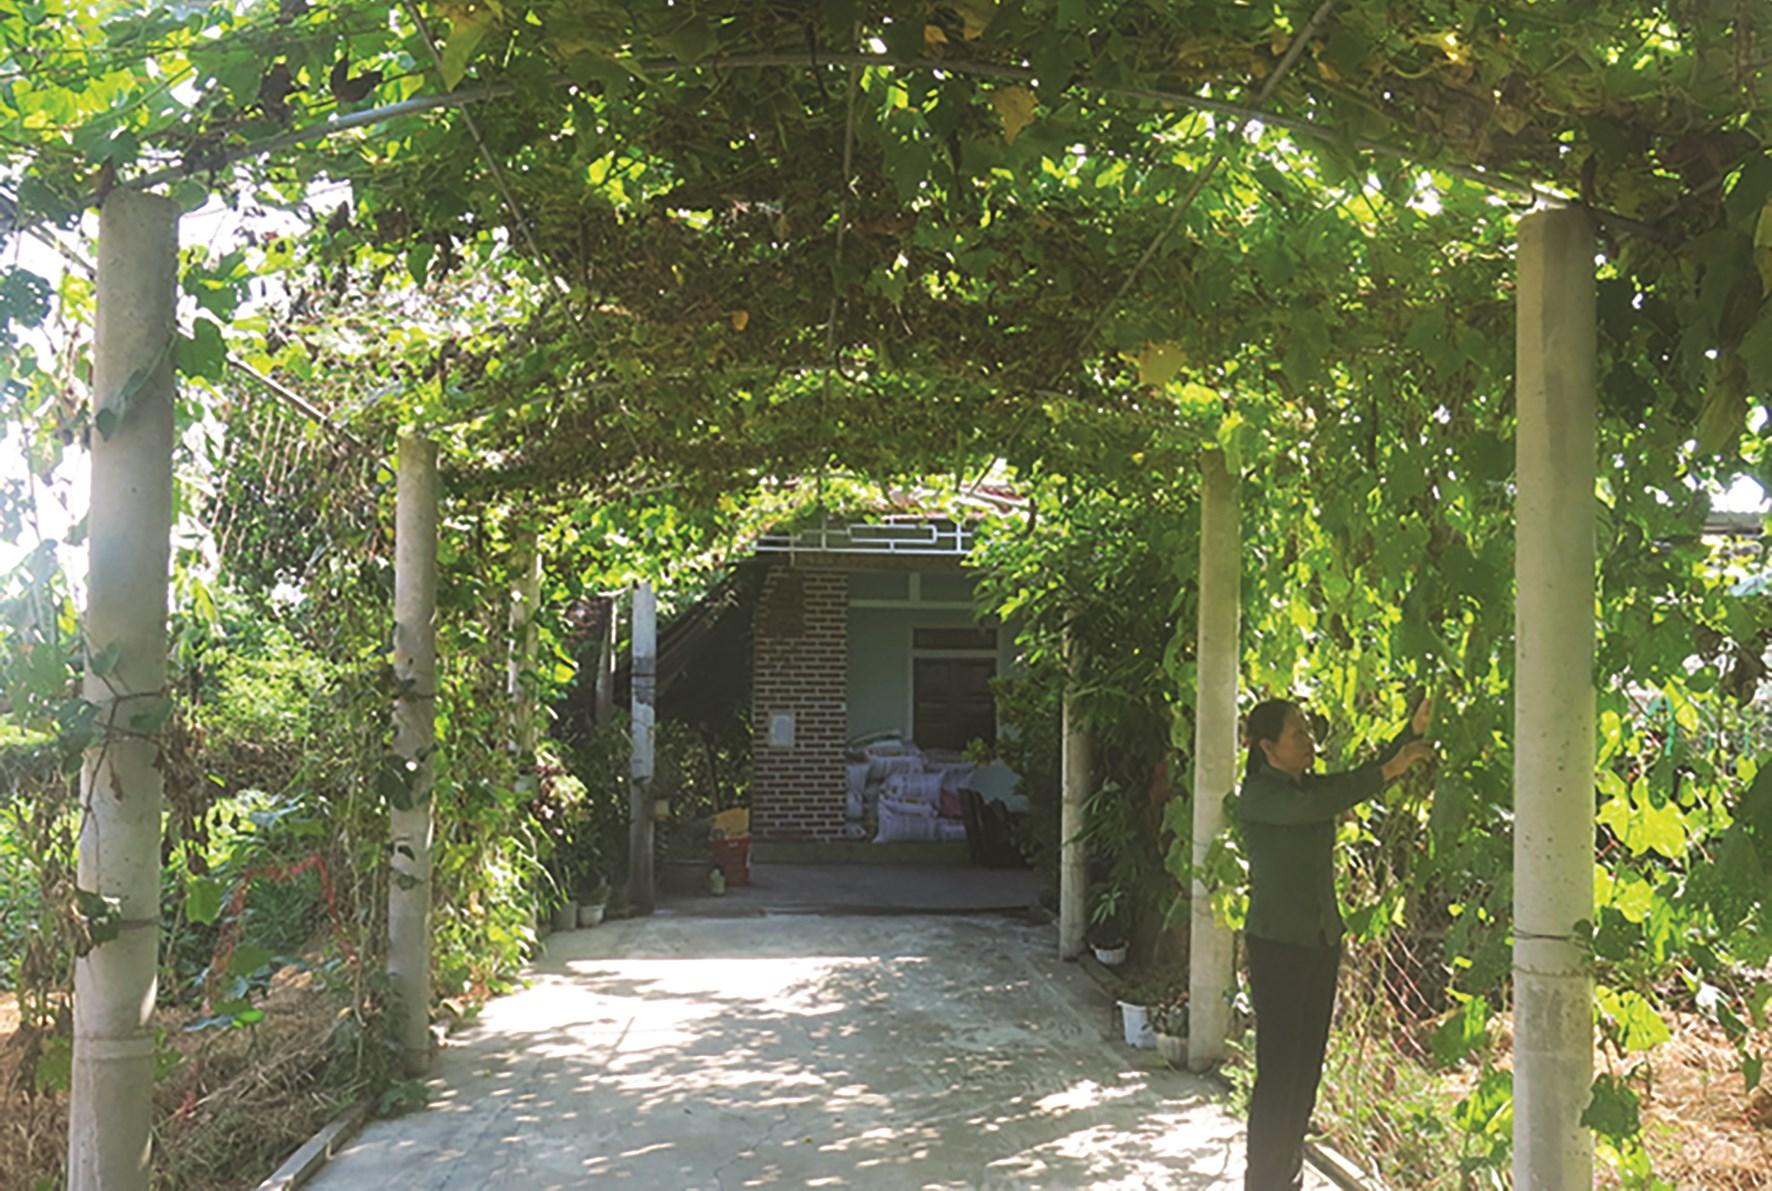 Ở huyện Lệ Thủy đã xuất hiện ngày càng nhiều những khu vườn kiểu mẫu